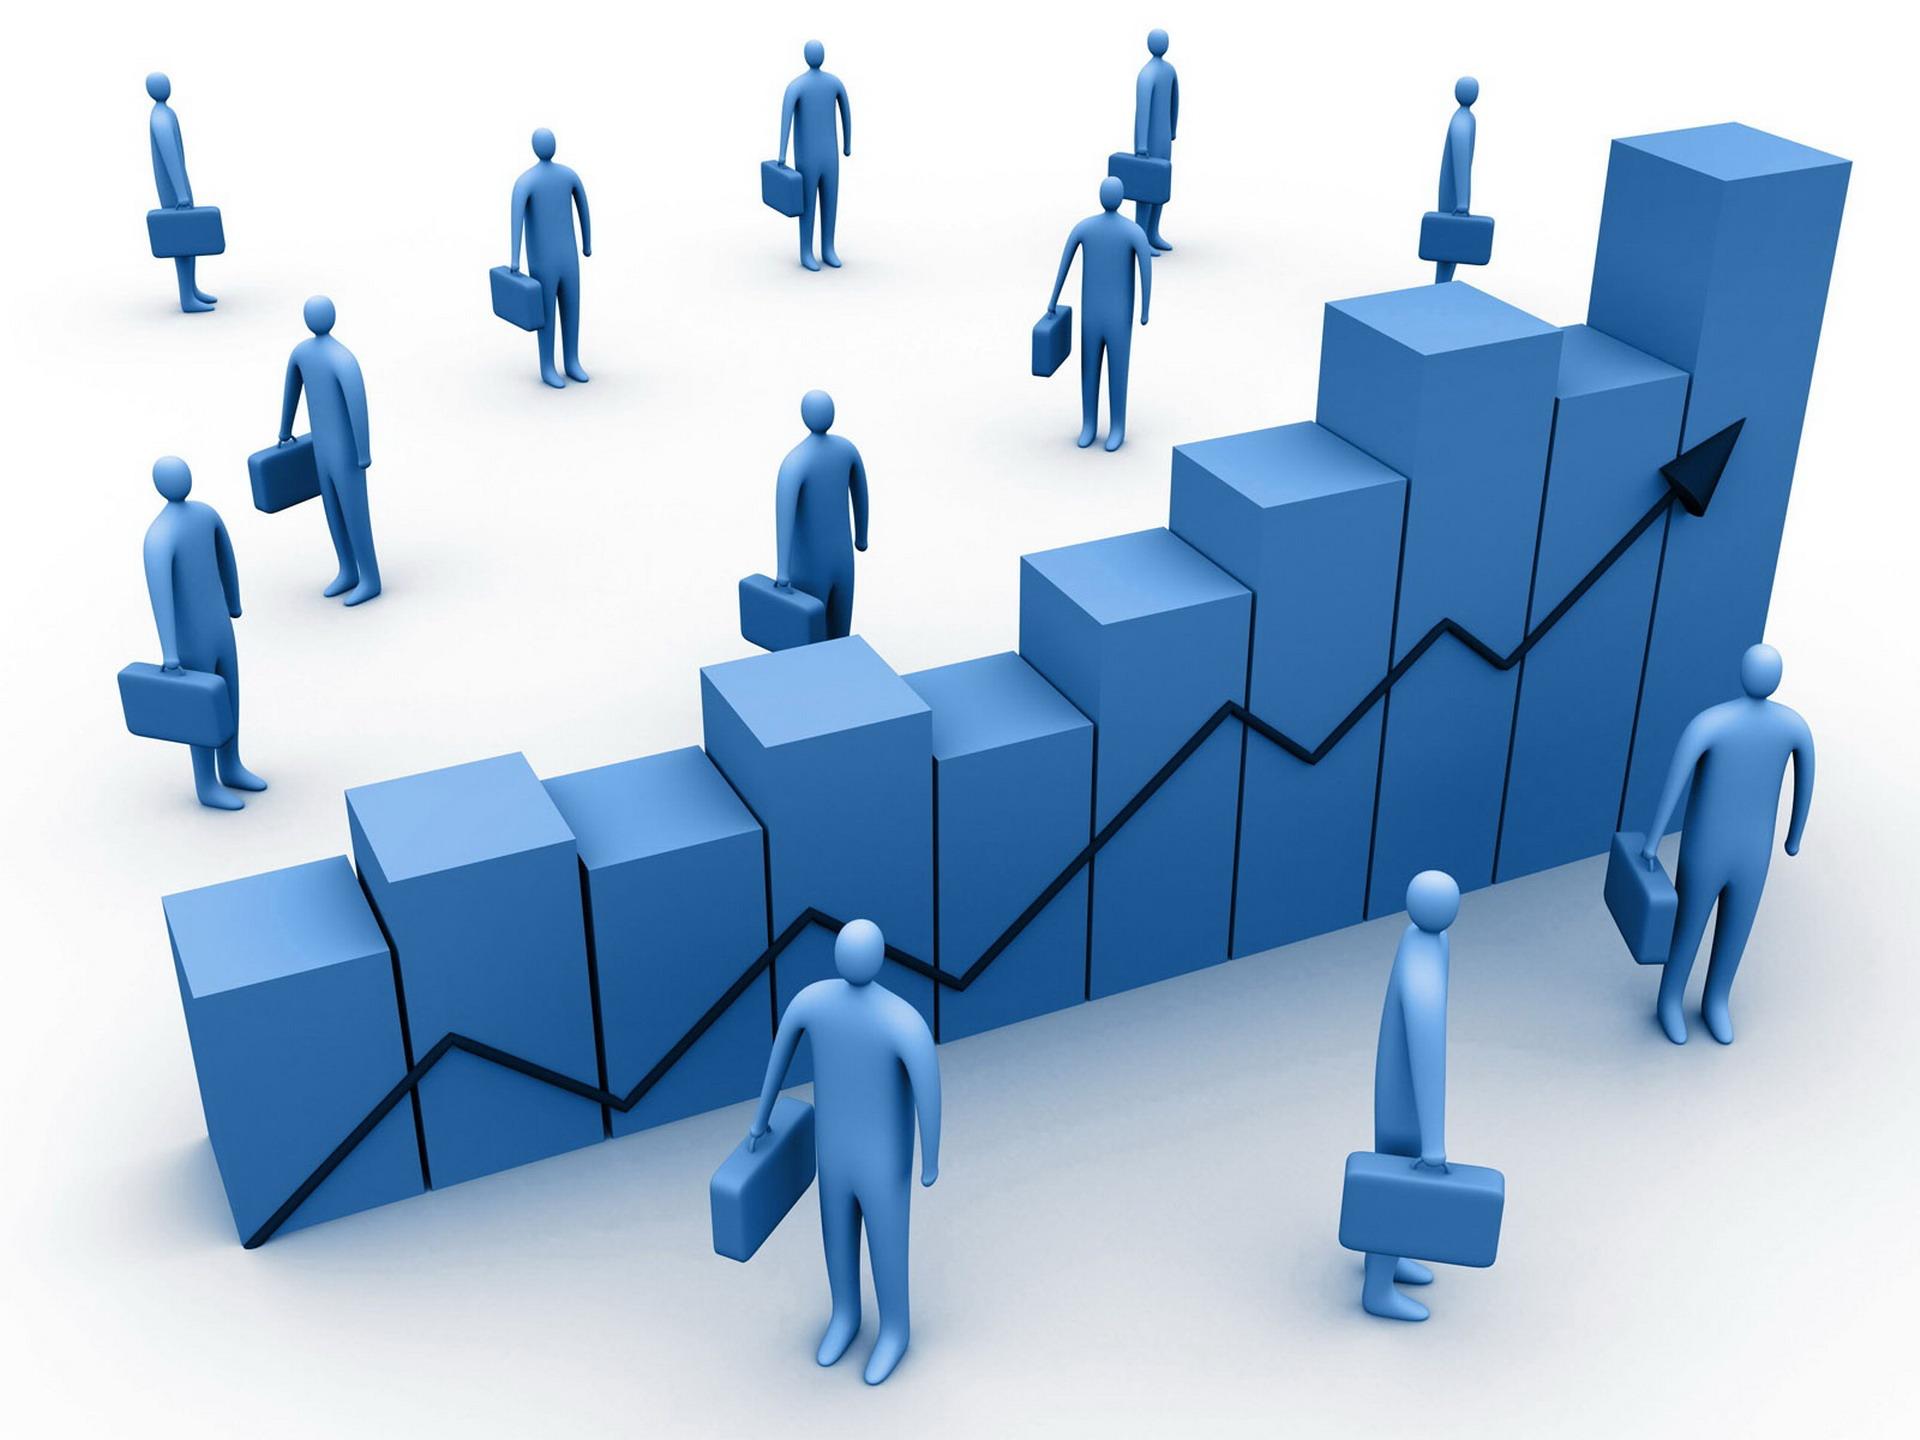 Просторы интернета помогут эффективно заказать seo продвижение сайта у надежных исполнителей